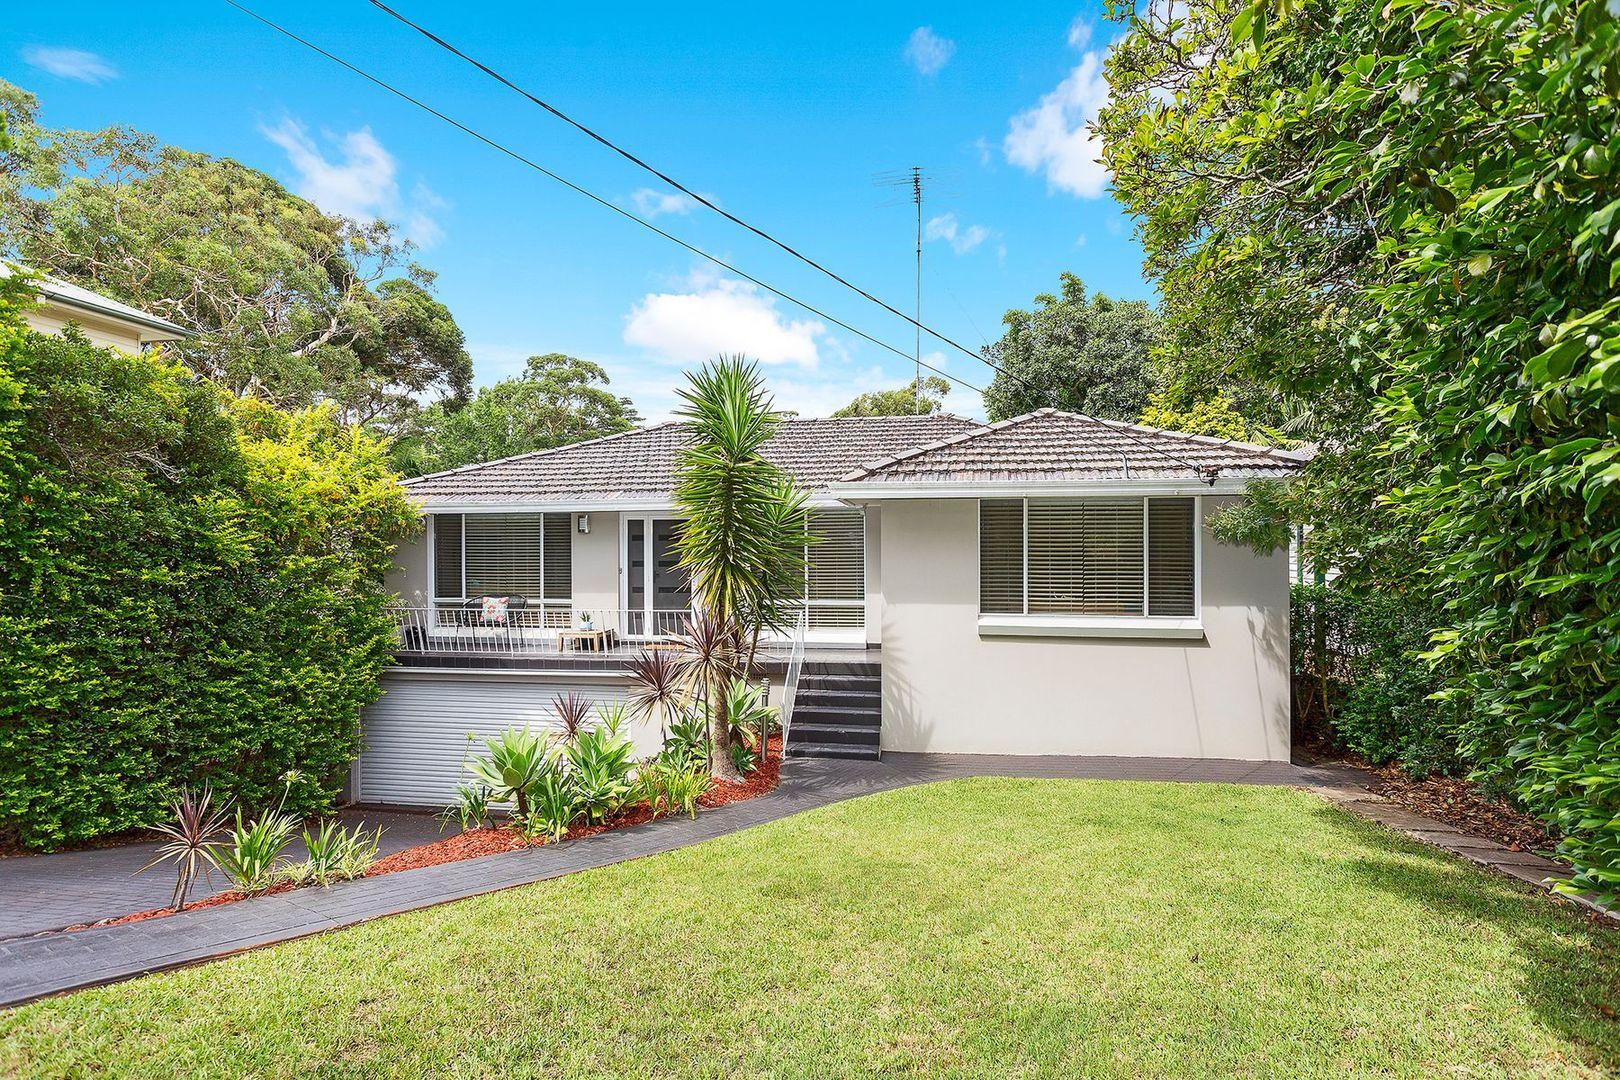 6 Amitaf Avenue, Caringbah South NSW 2229, Image 0